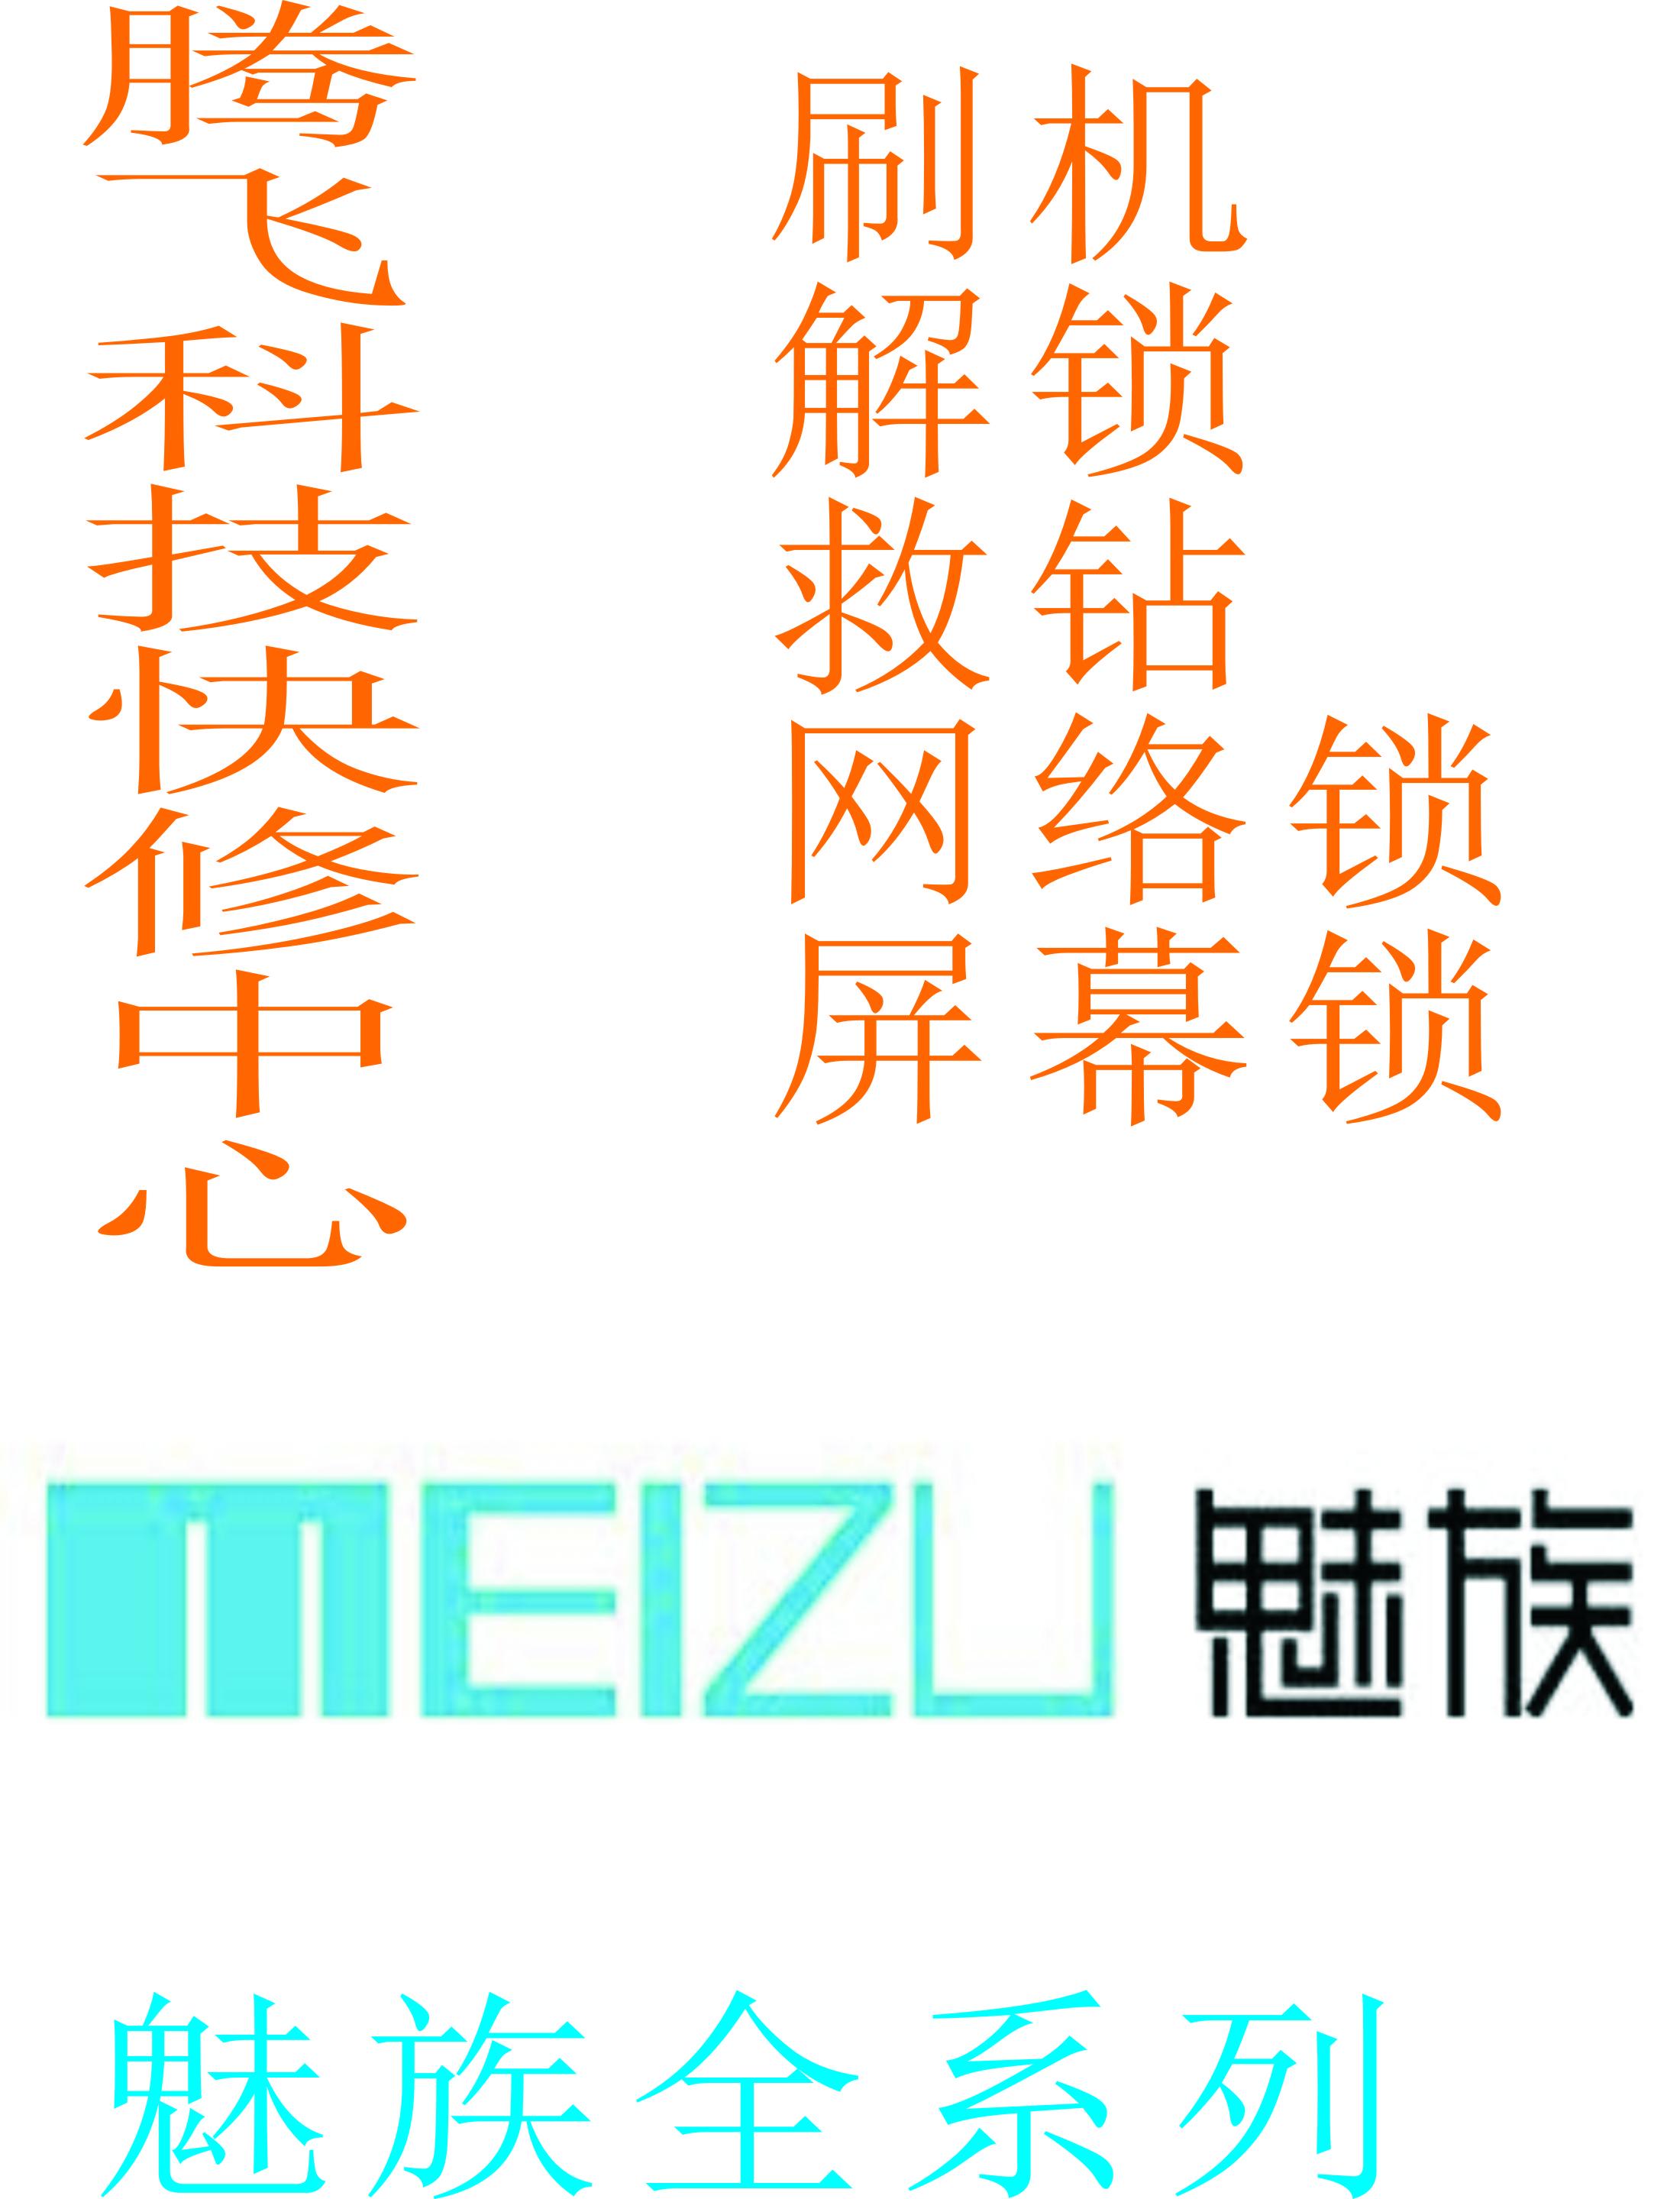 魅族mx4mx5/flyme魅蓝metal /note2网络屏幕账户解锁刷机救砖远程